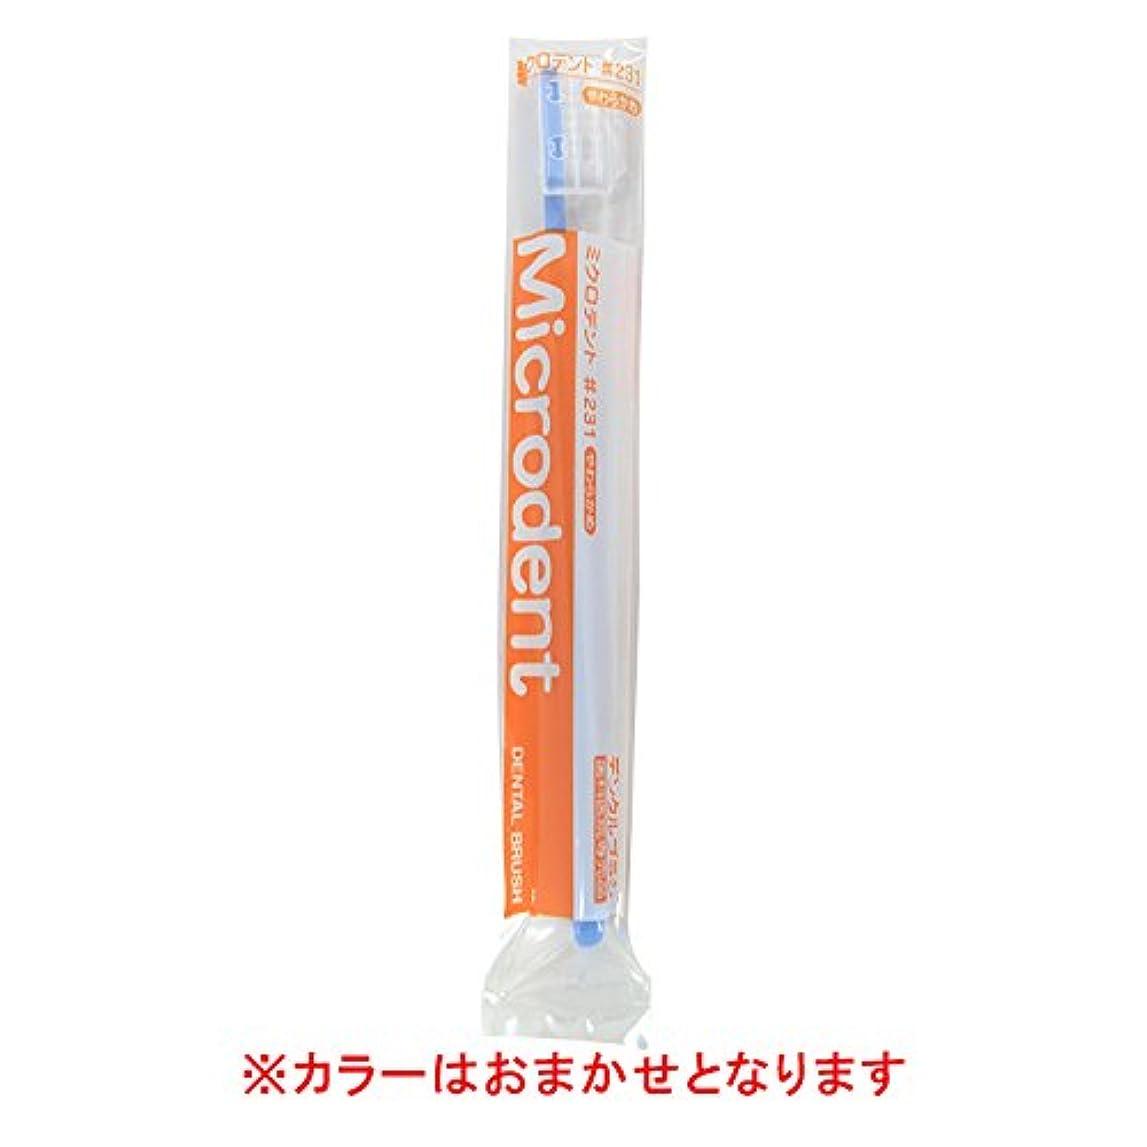 上向き扇動ブリーク白水貿易 ミクロデント(Microdent) 1本 (#231)